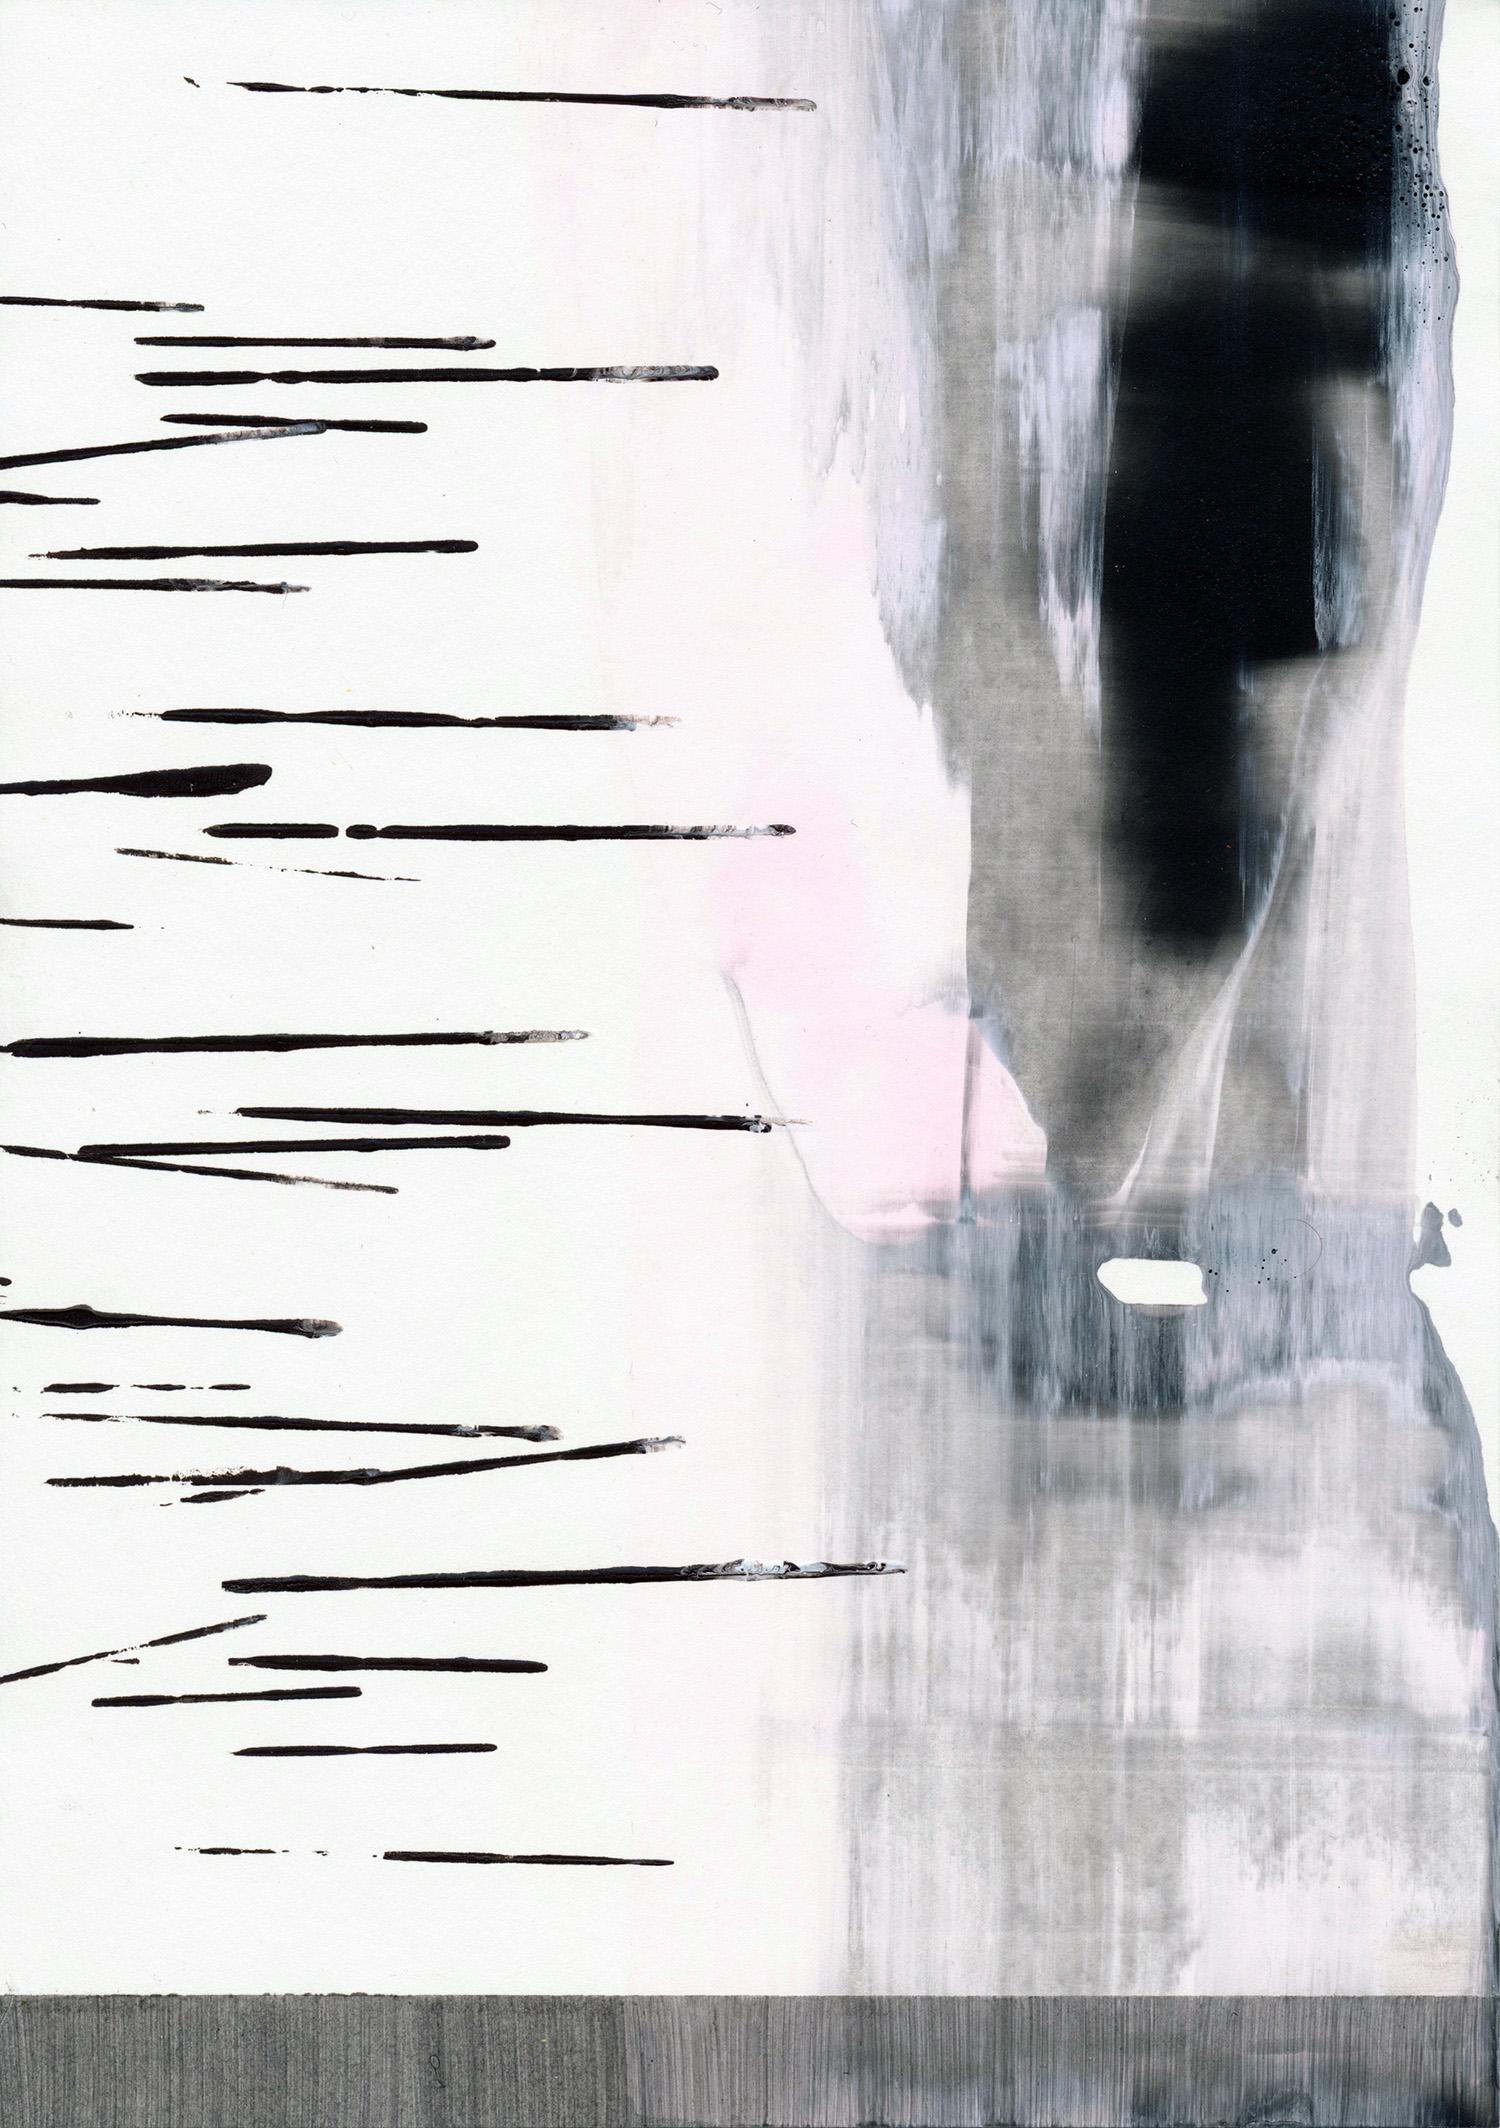 2019 Rene Korten And Skin #57 alt SQ.jpg